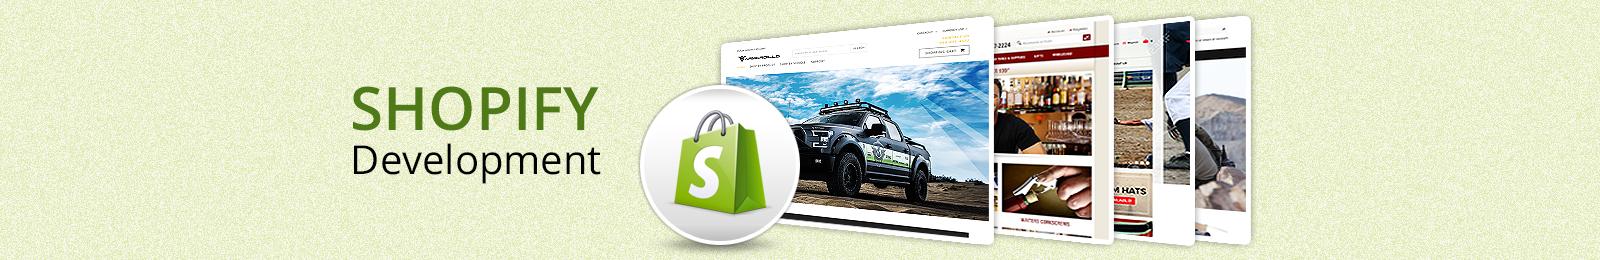 Shopify Development Portfolio